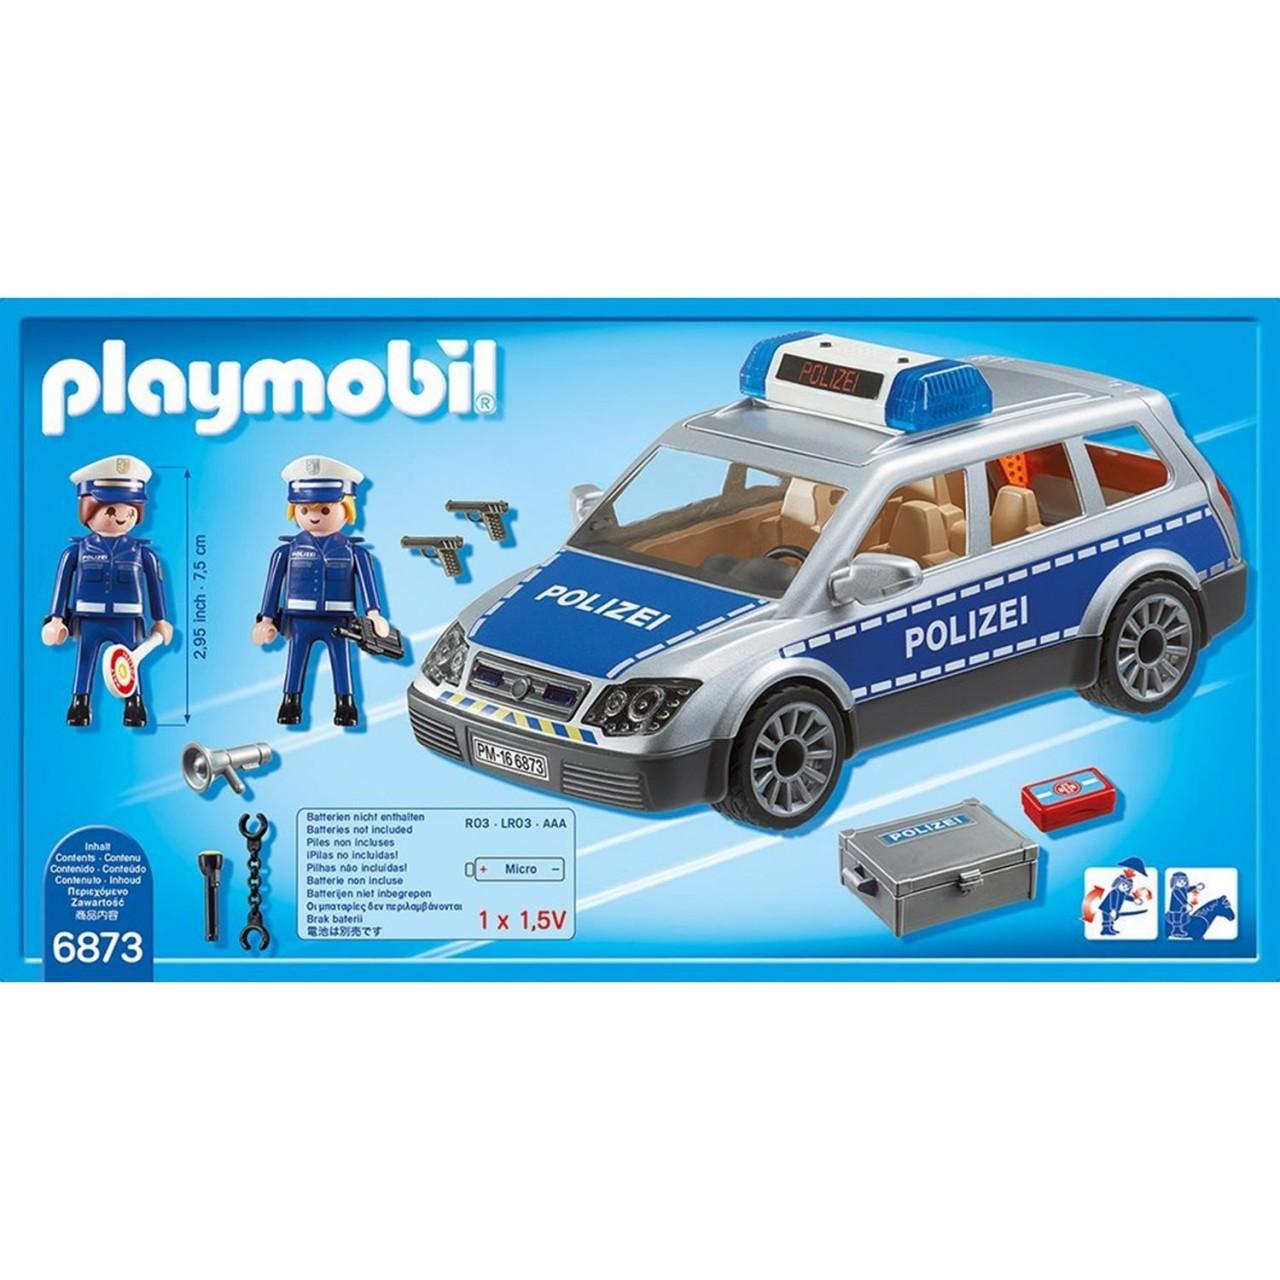 Playmobil 6873 Polizei-Einsatzwagen